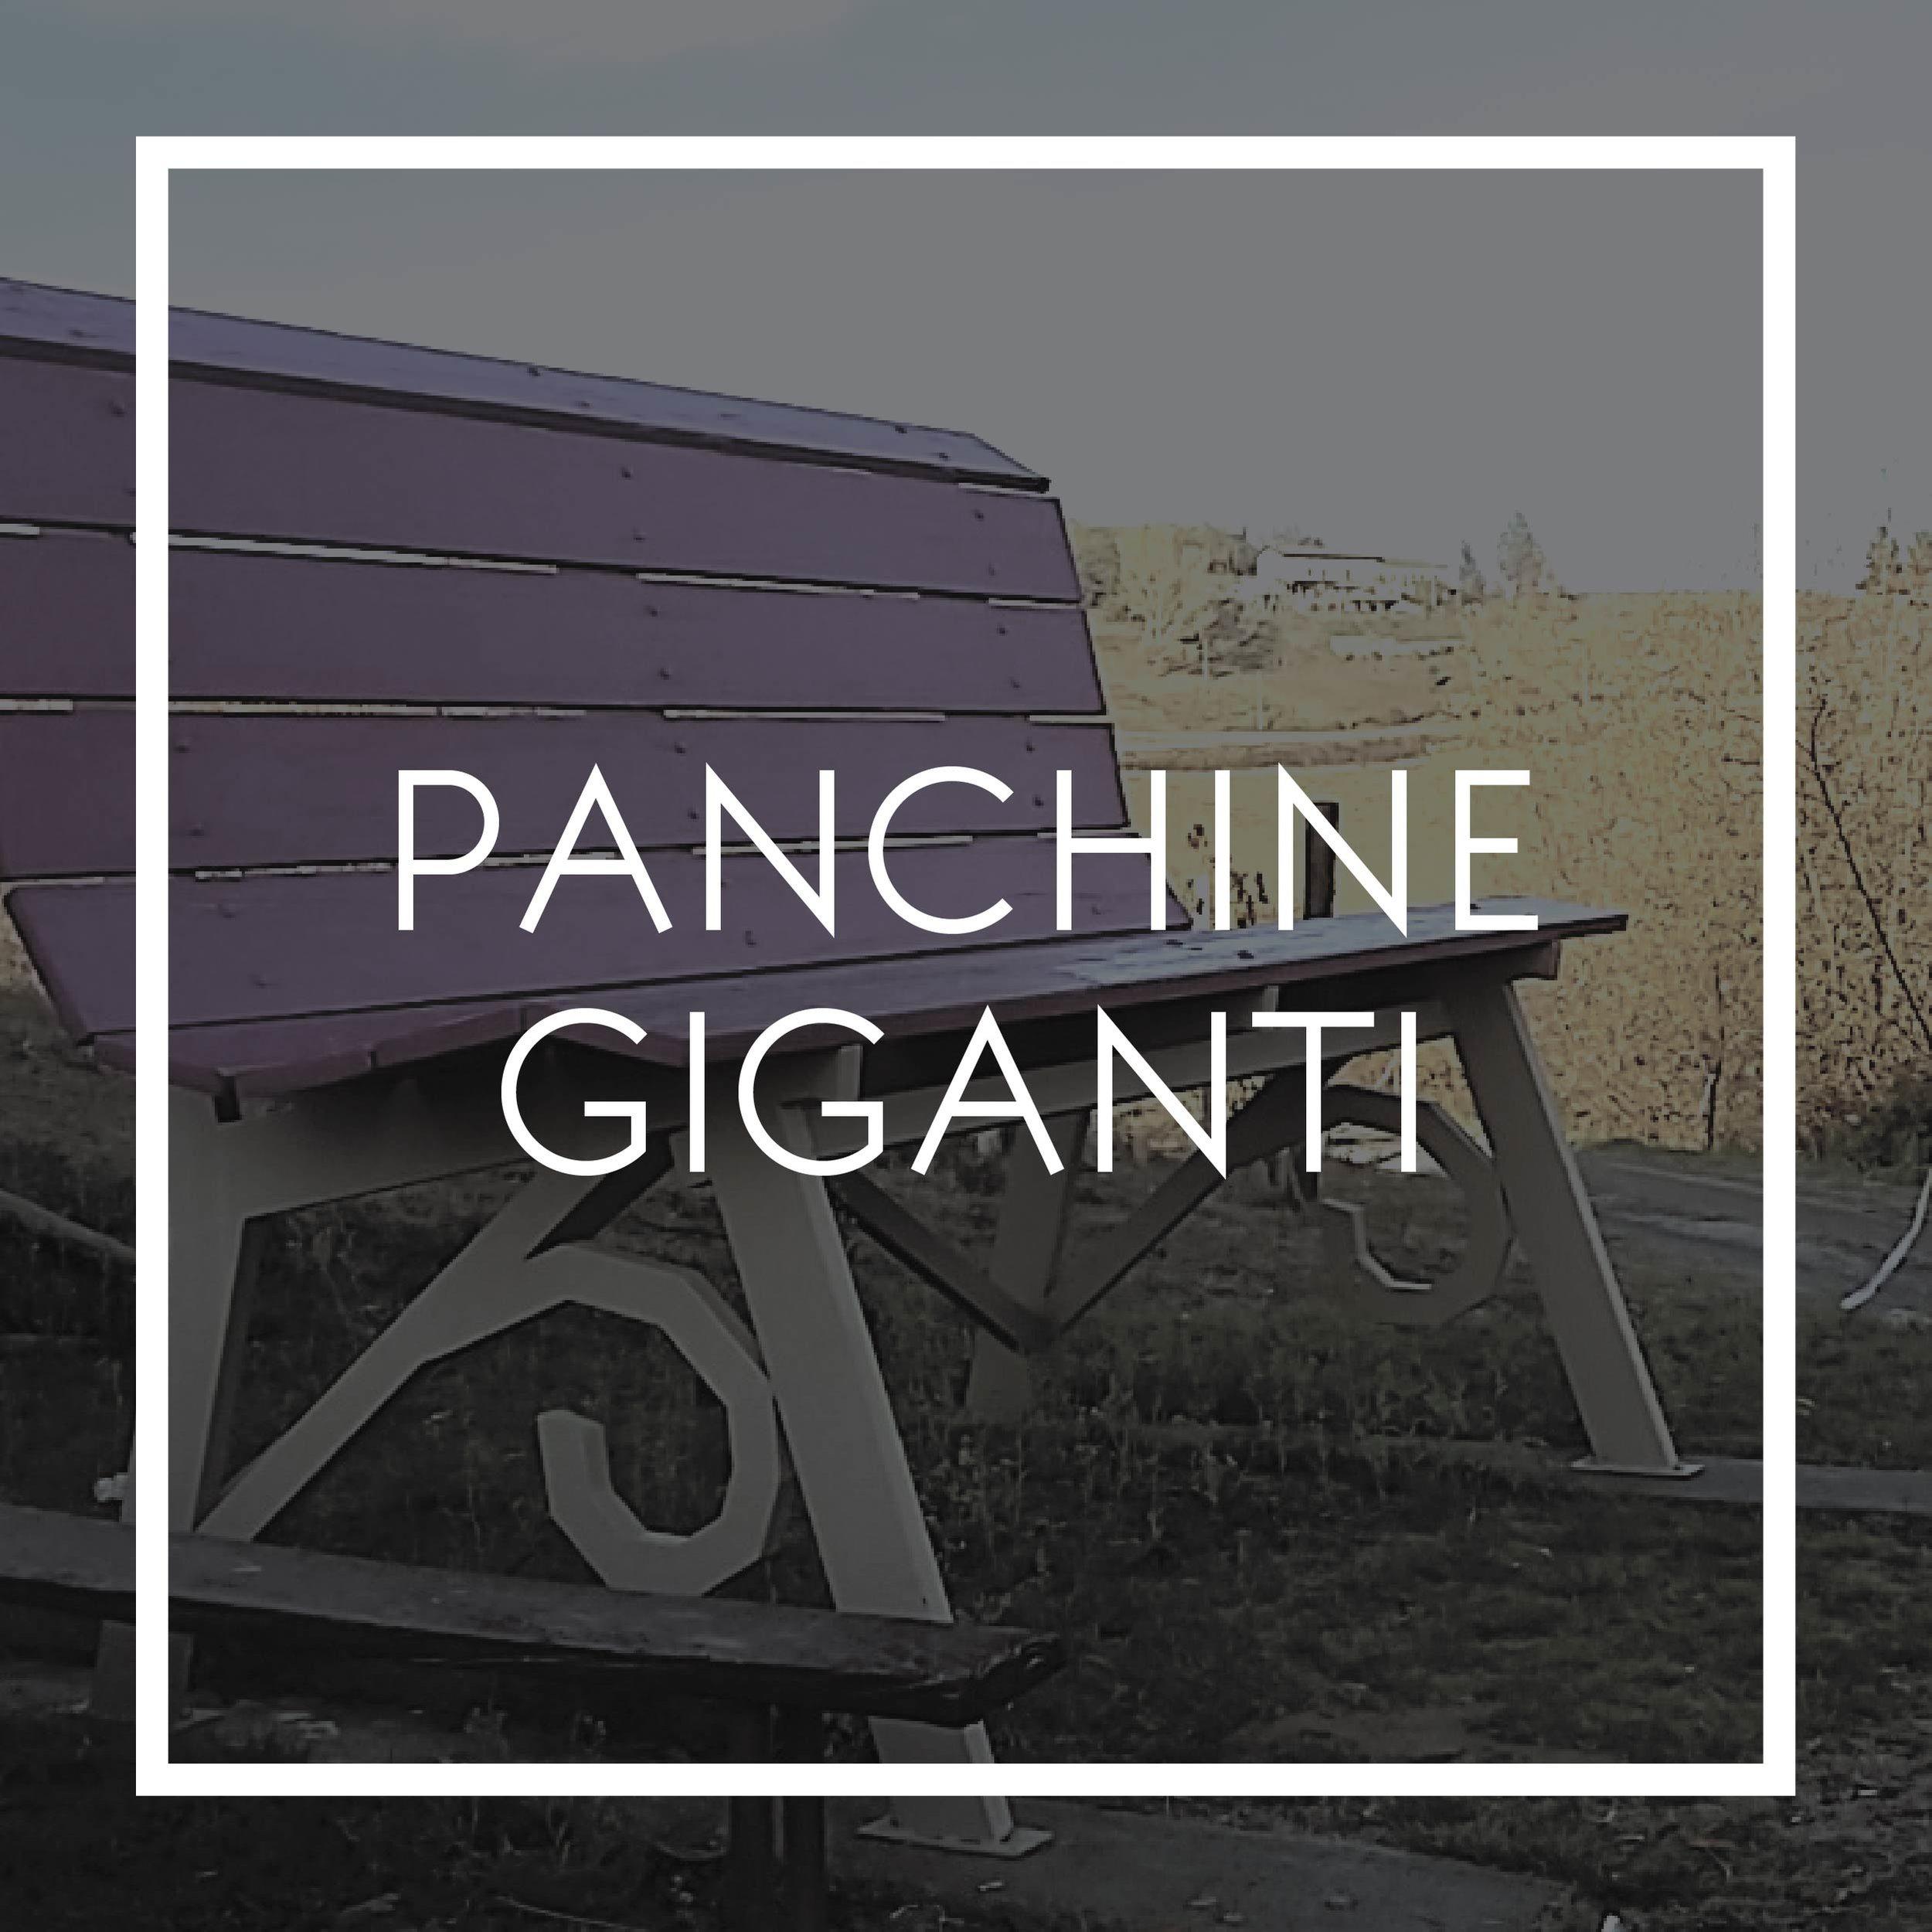 panchine_giganti-01.jpg